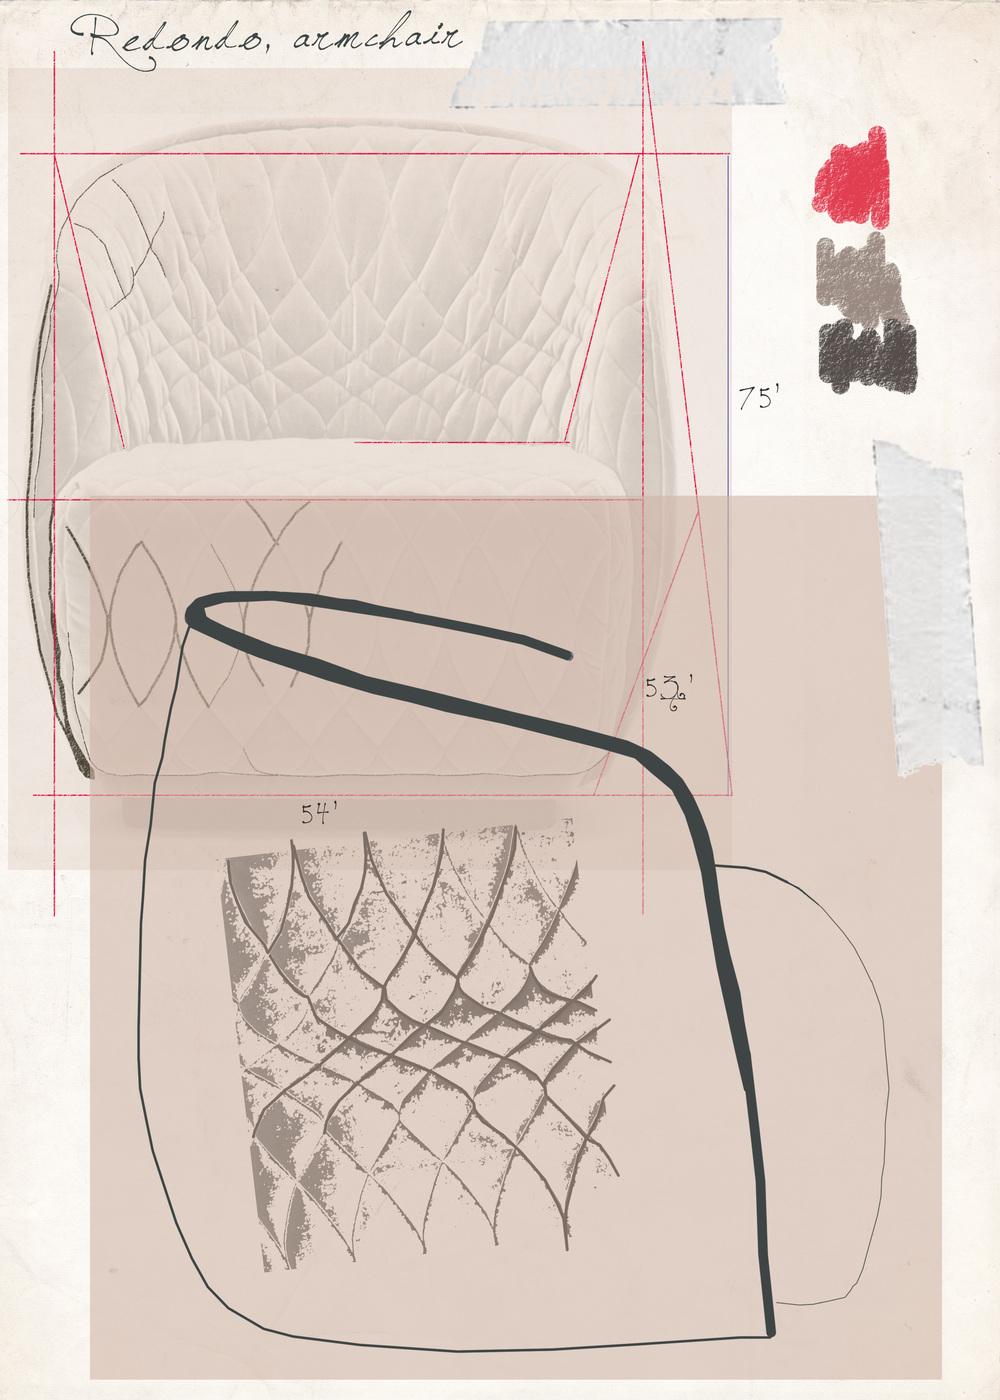 redondo chair.jpg